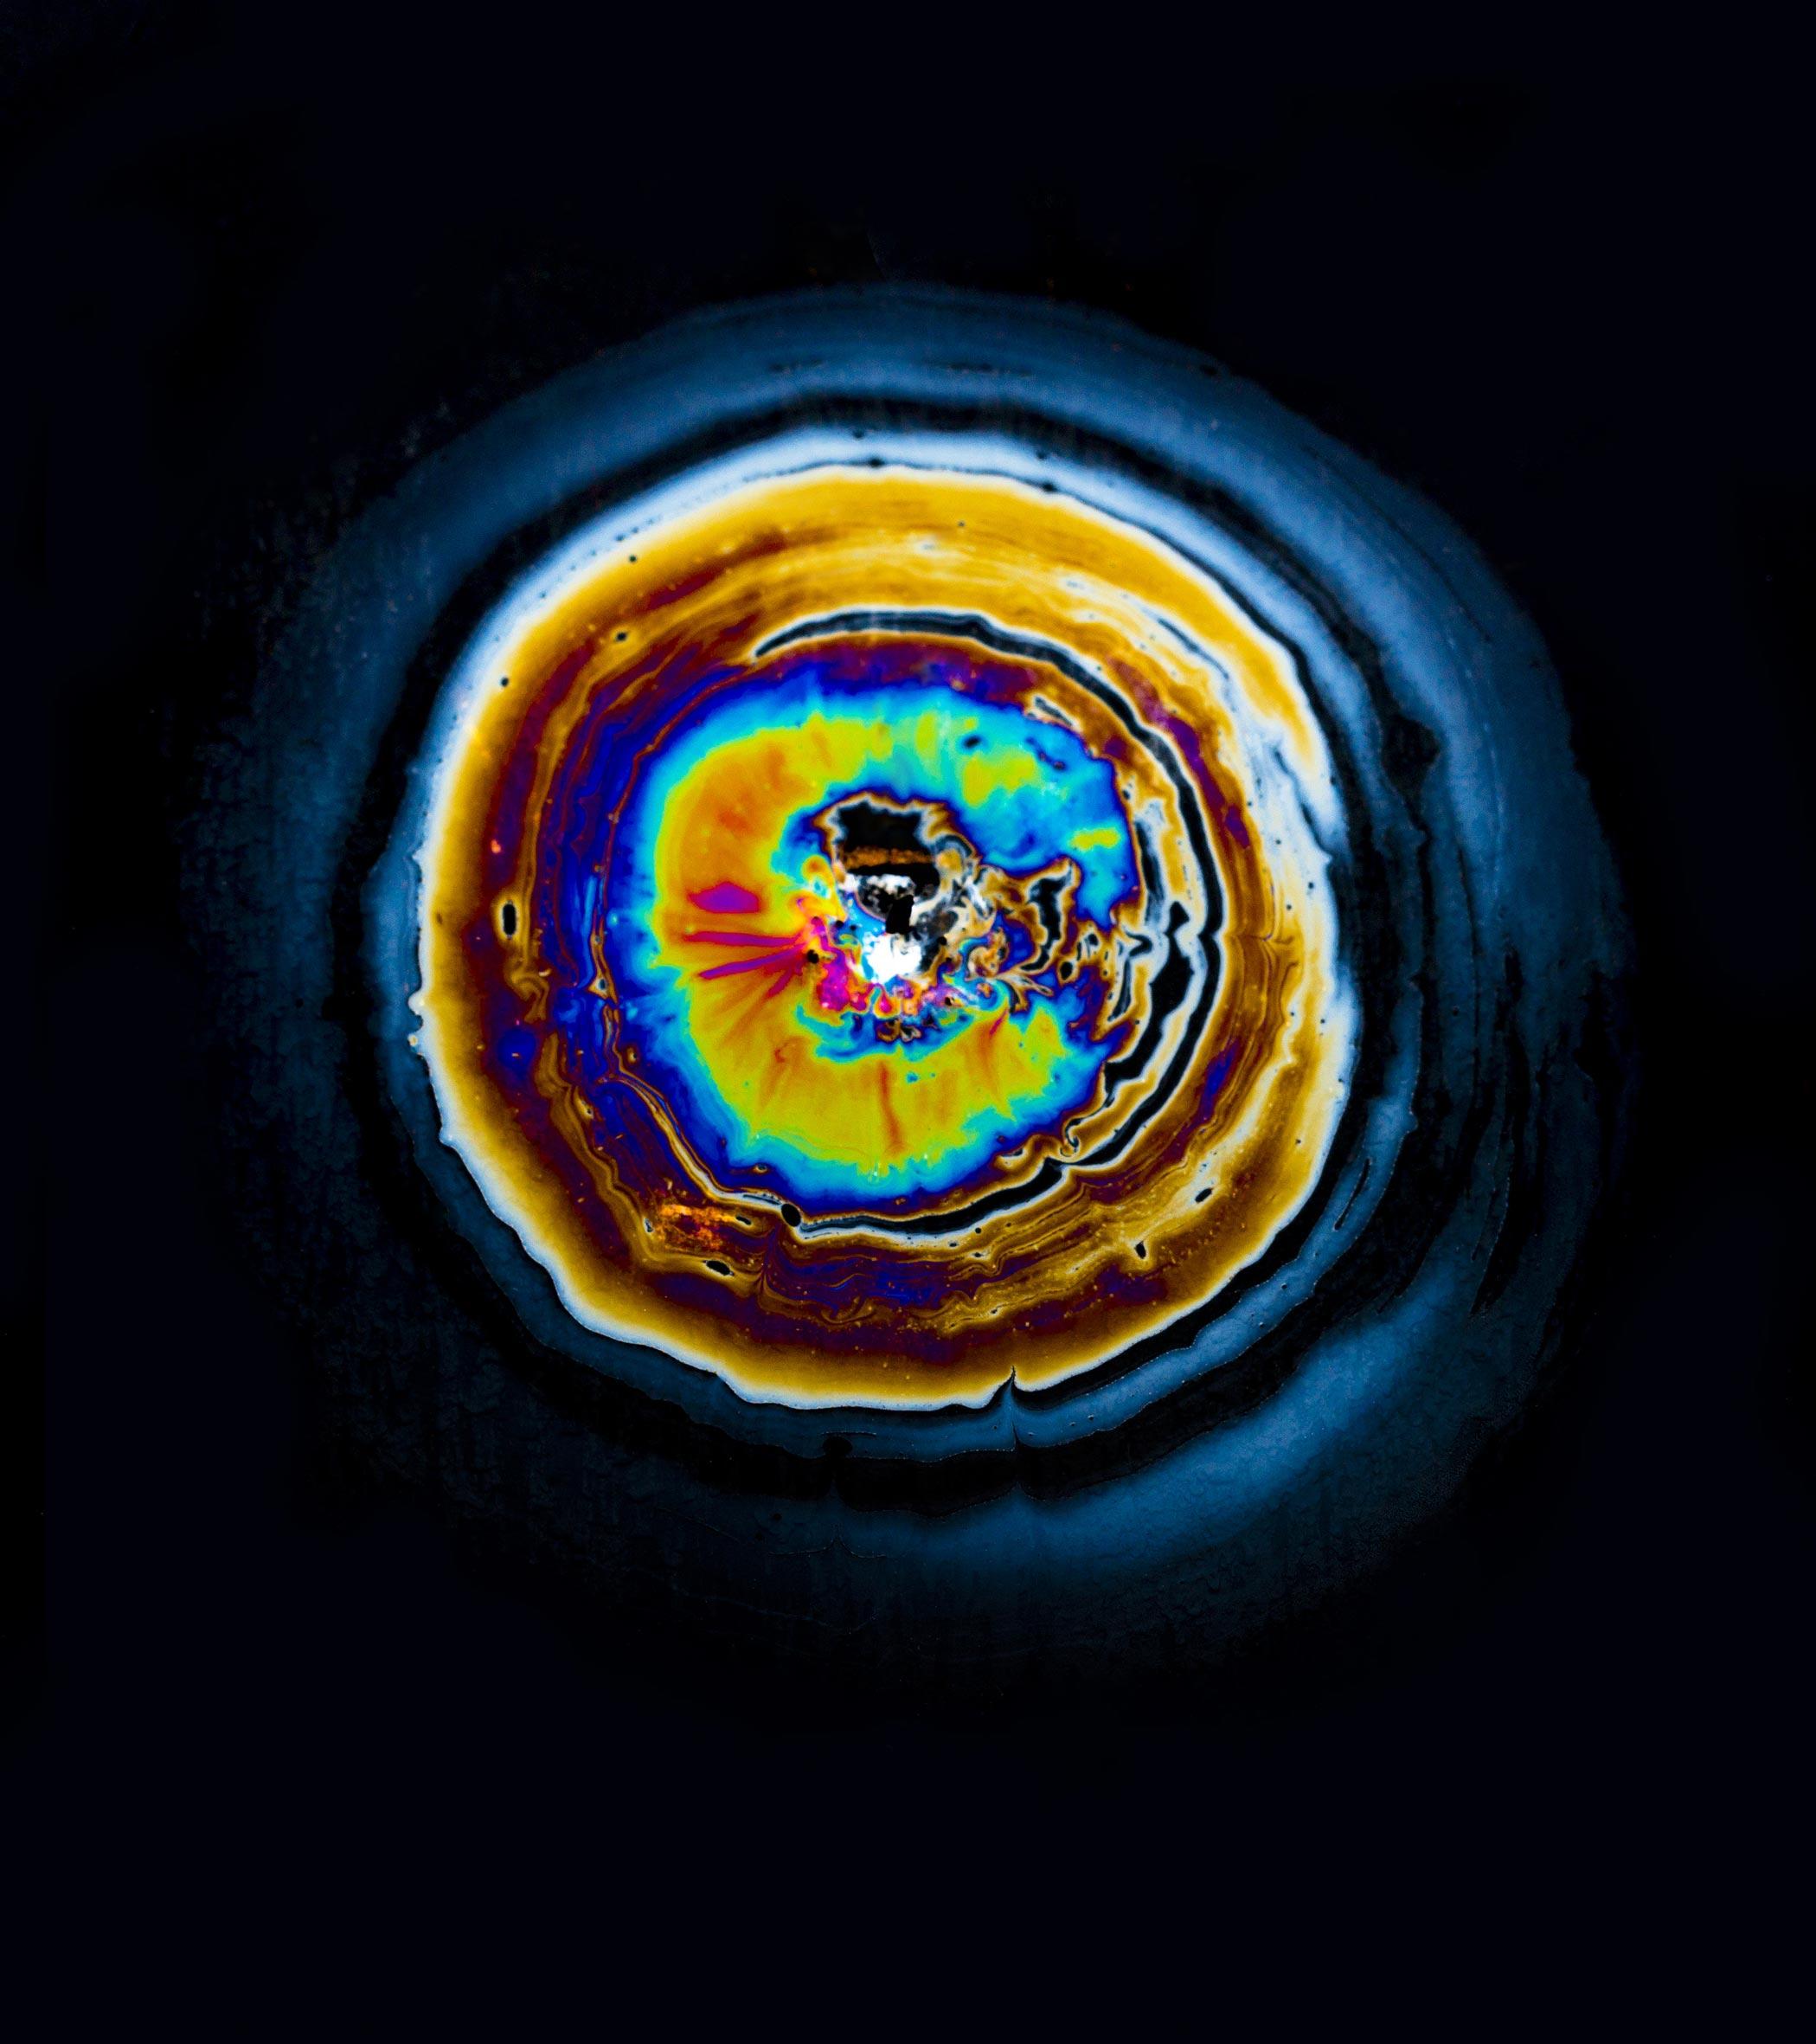 oil-spill-series-by-fabian-oefner-7